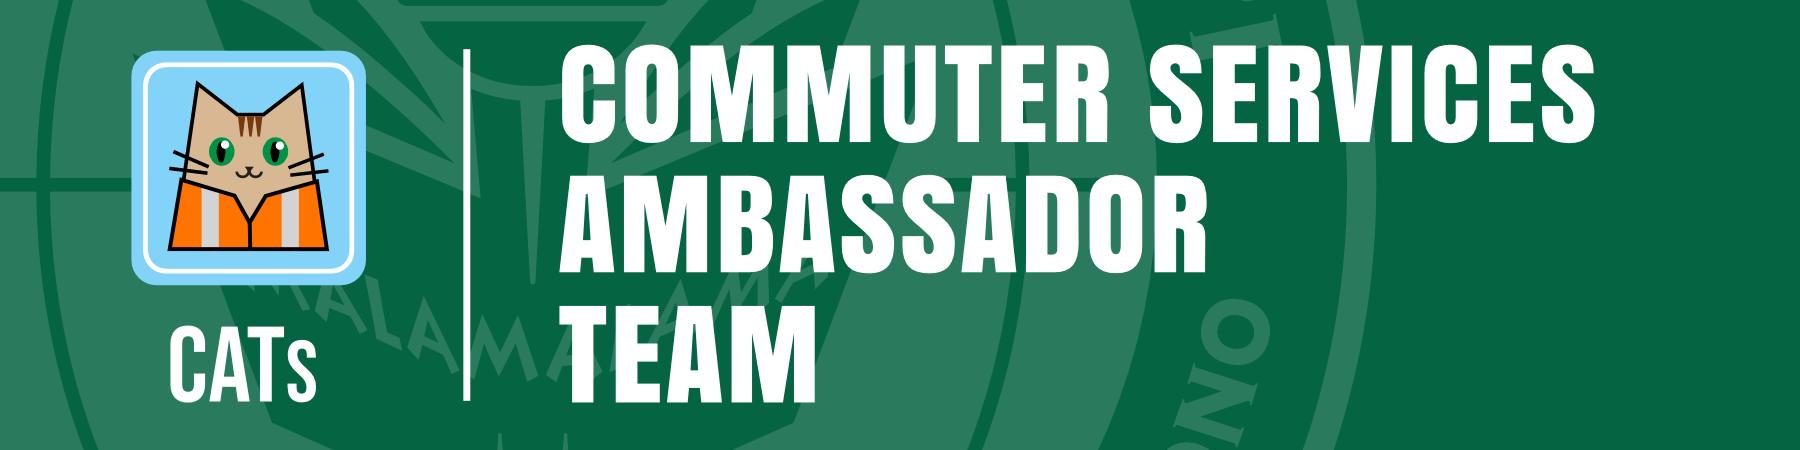 CATs - Commuter Services Ambassador Team